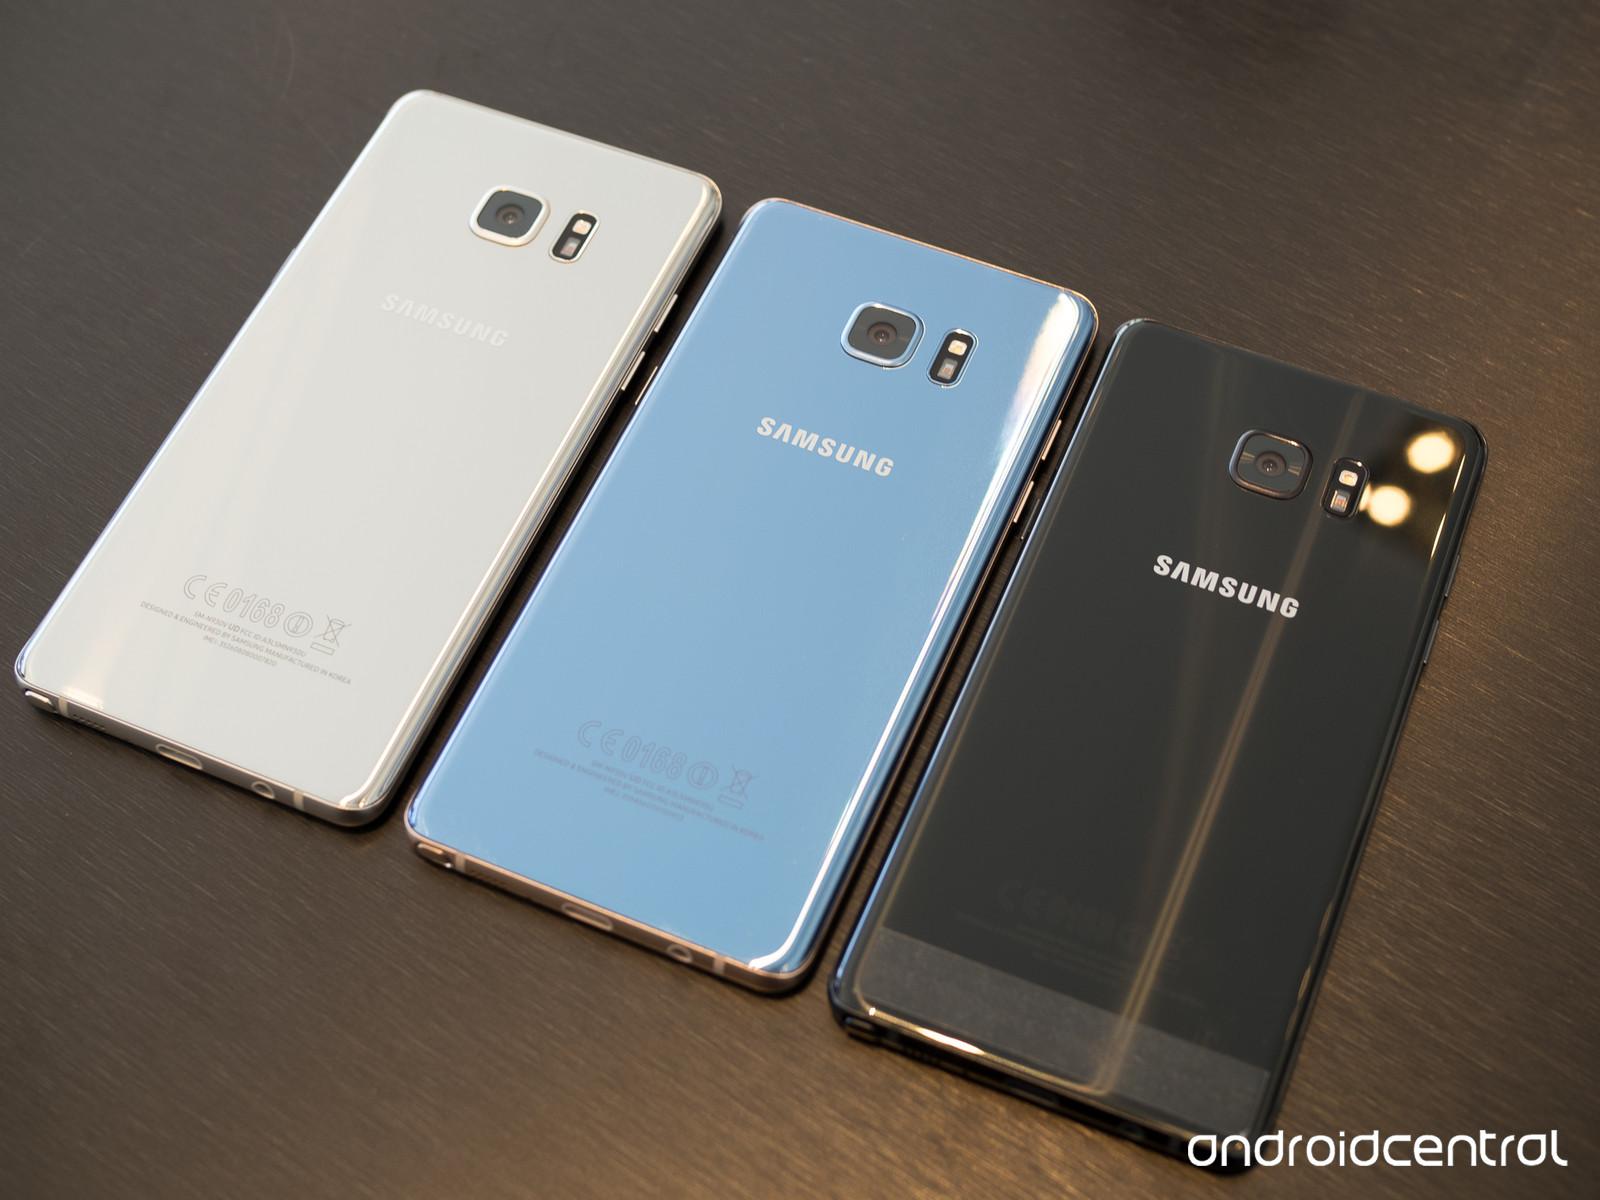 Galaxy Note7 receberá atualização com limitação de carga a 60% para evitar novas ocorrências de incidentes